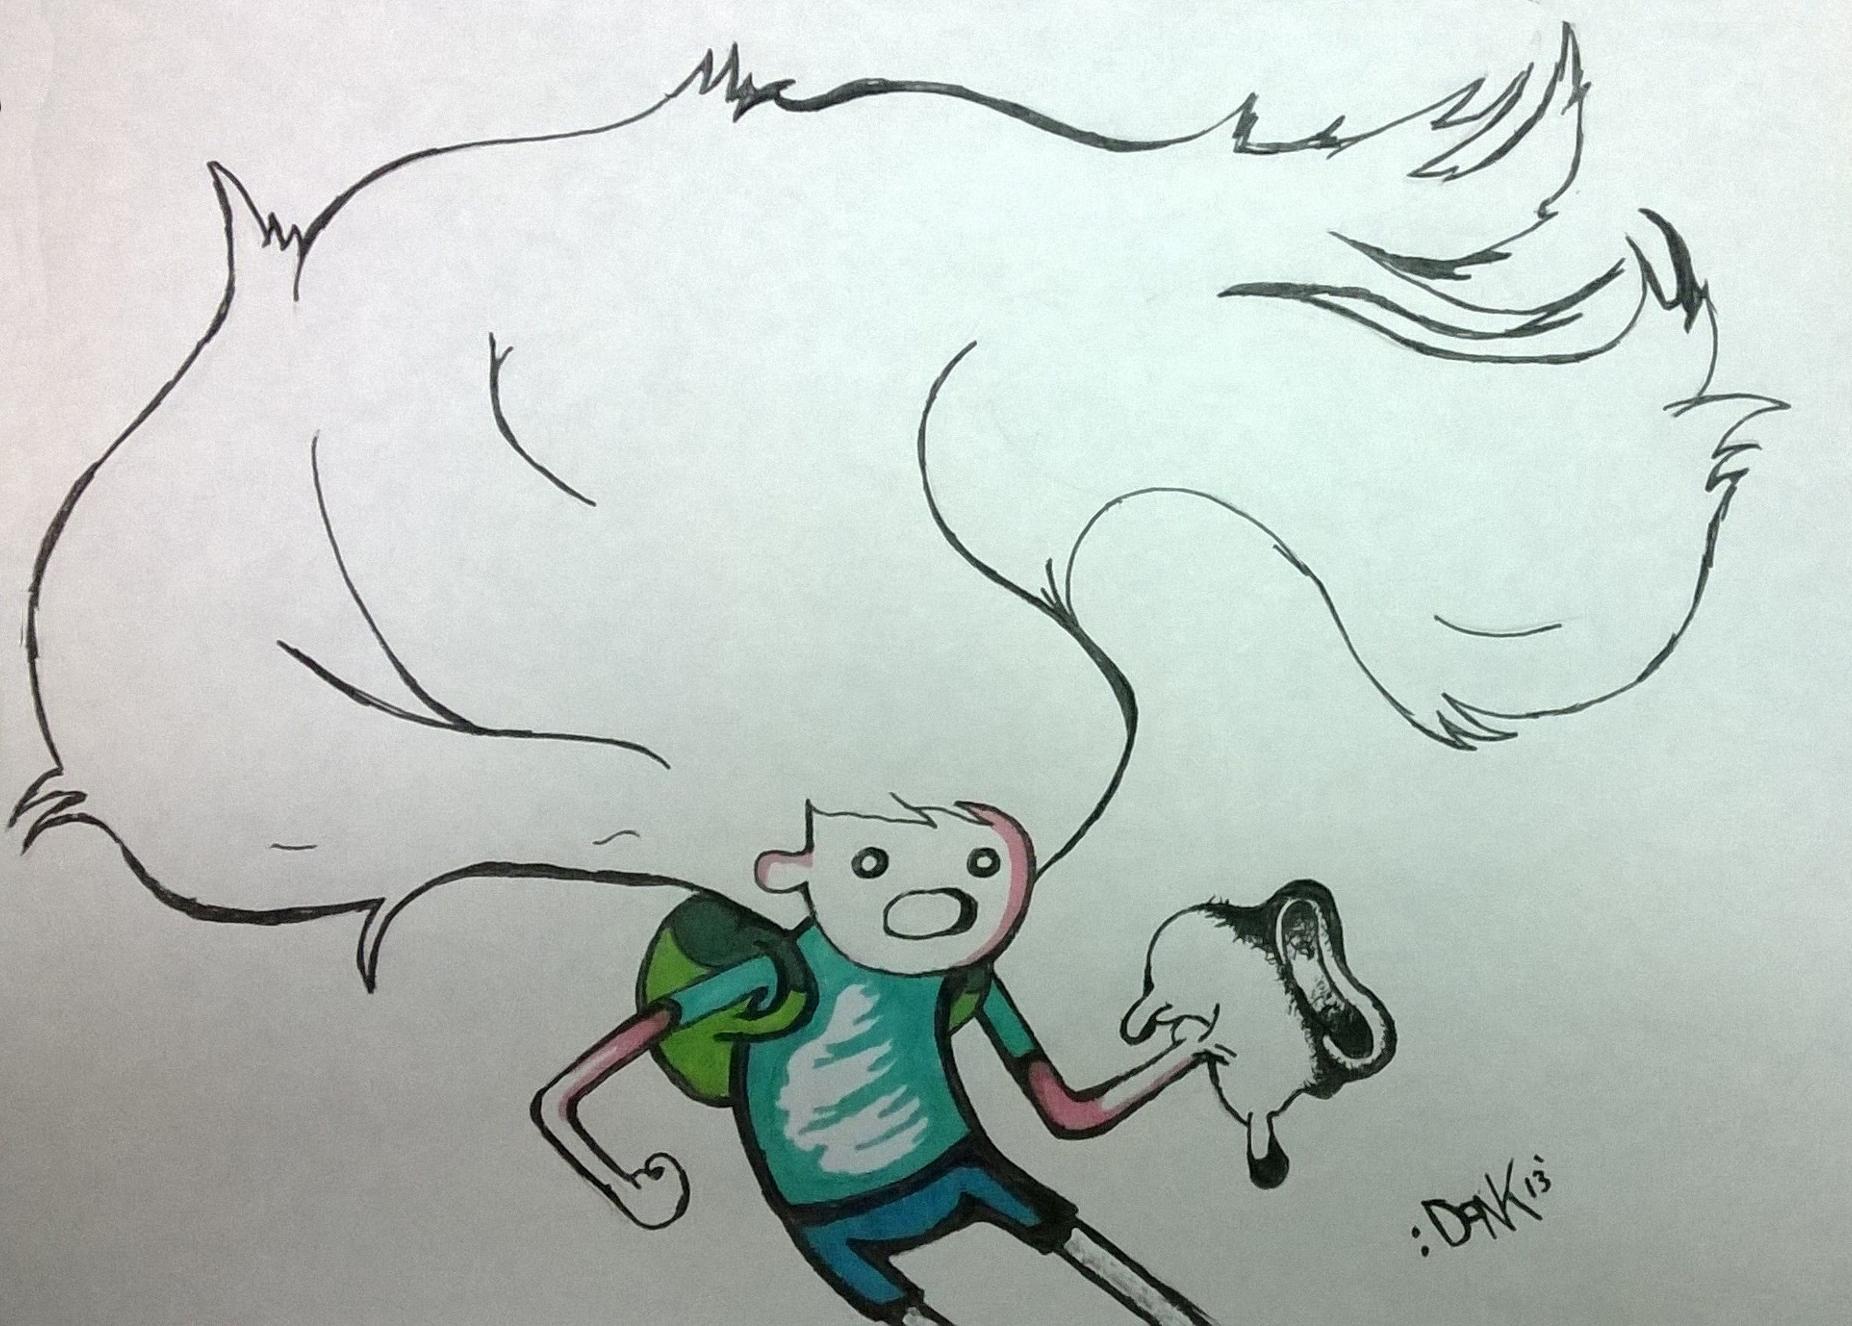 Finn's Hair vs mushroom-cloud